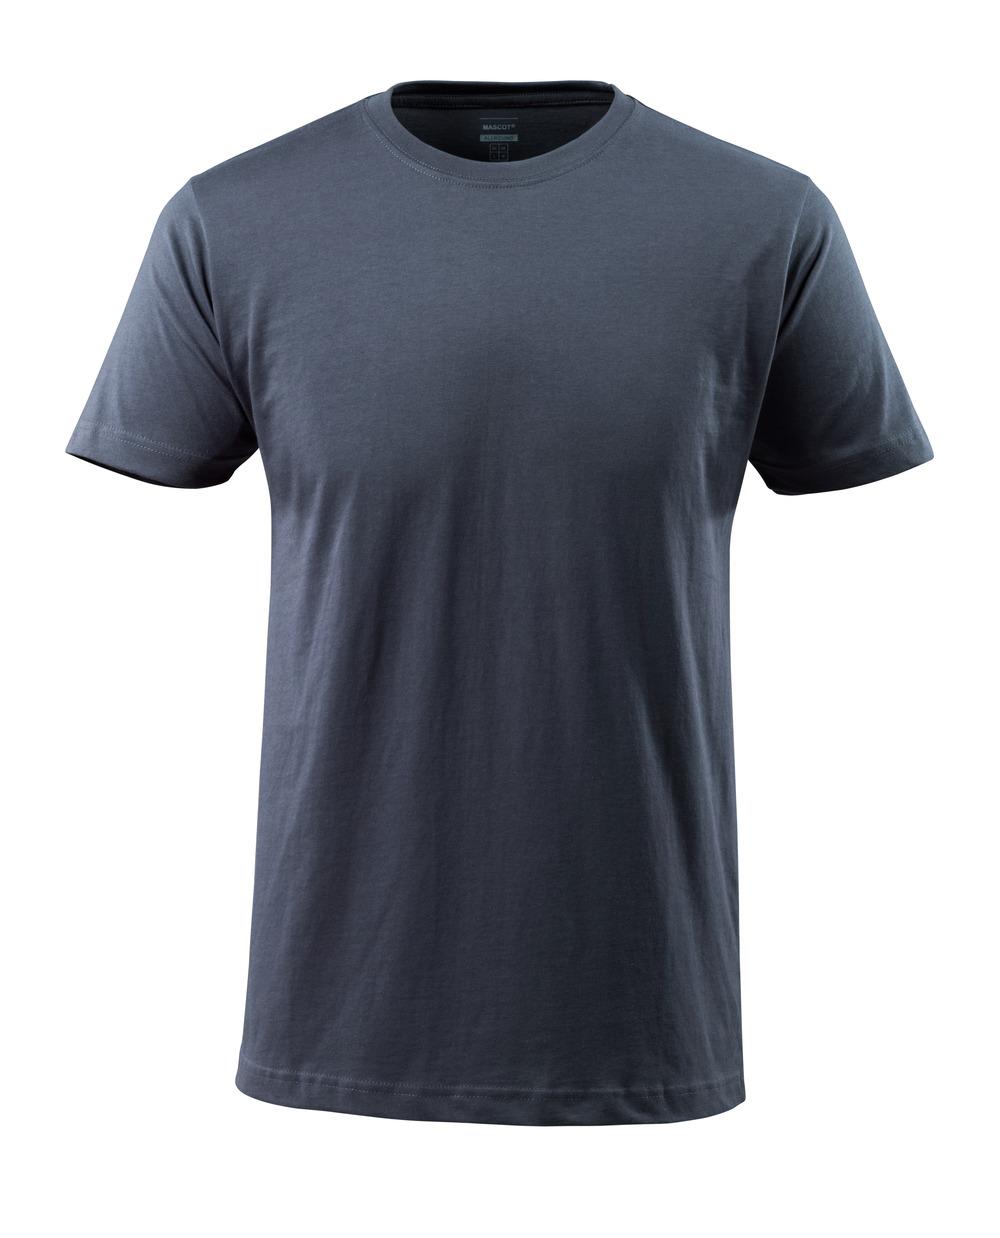 50662-965-010 T-Shirt - Schwarzblau